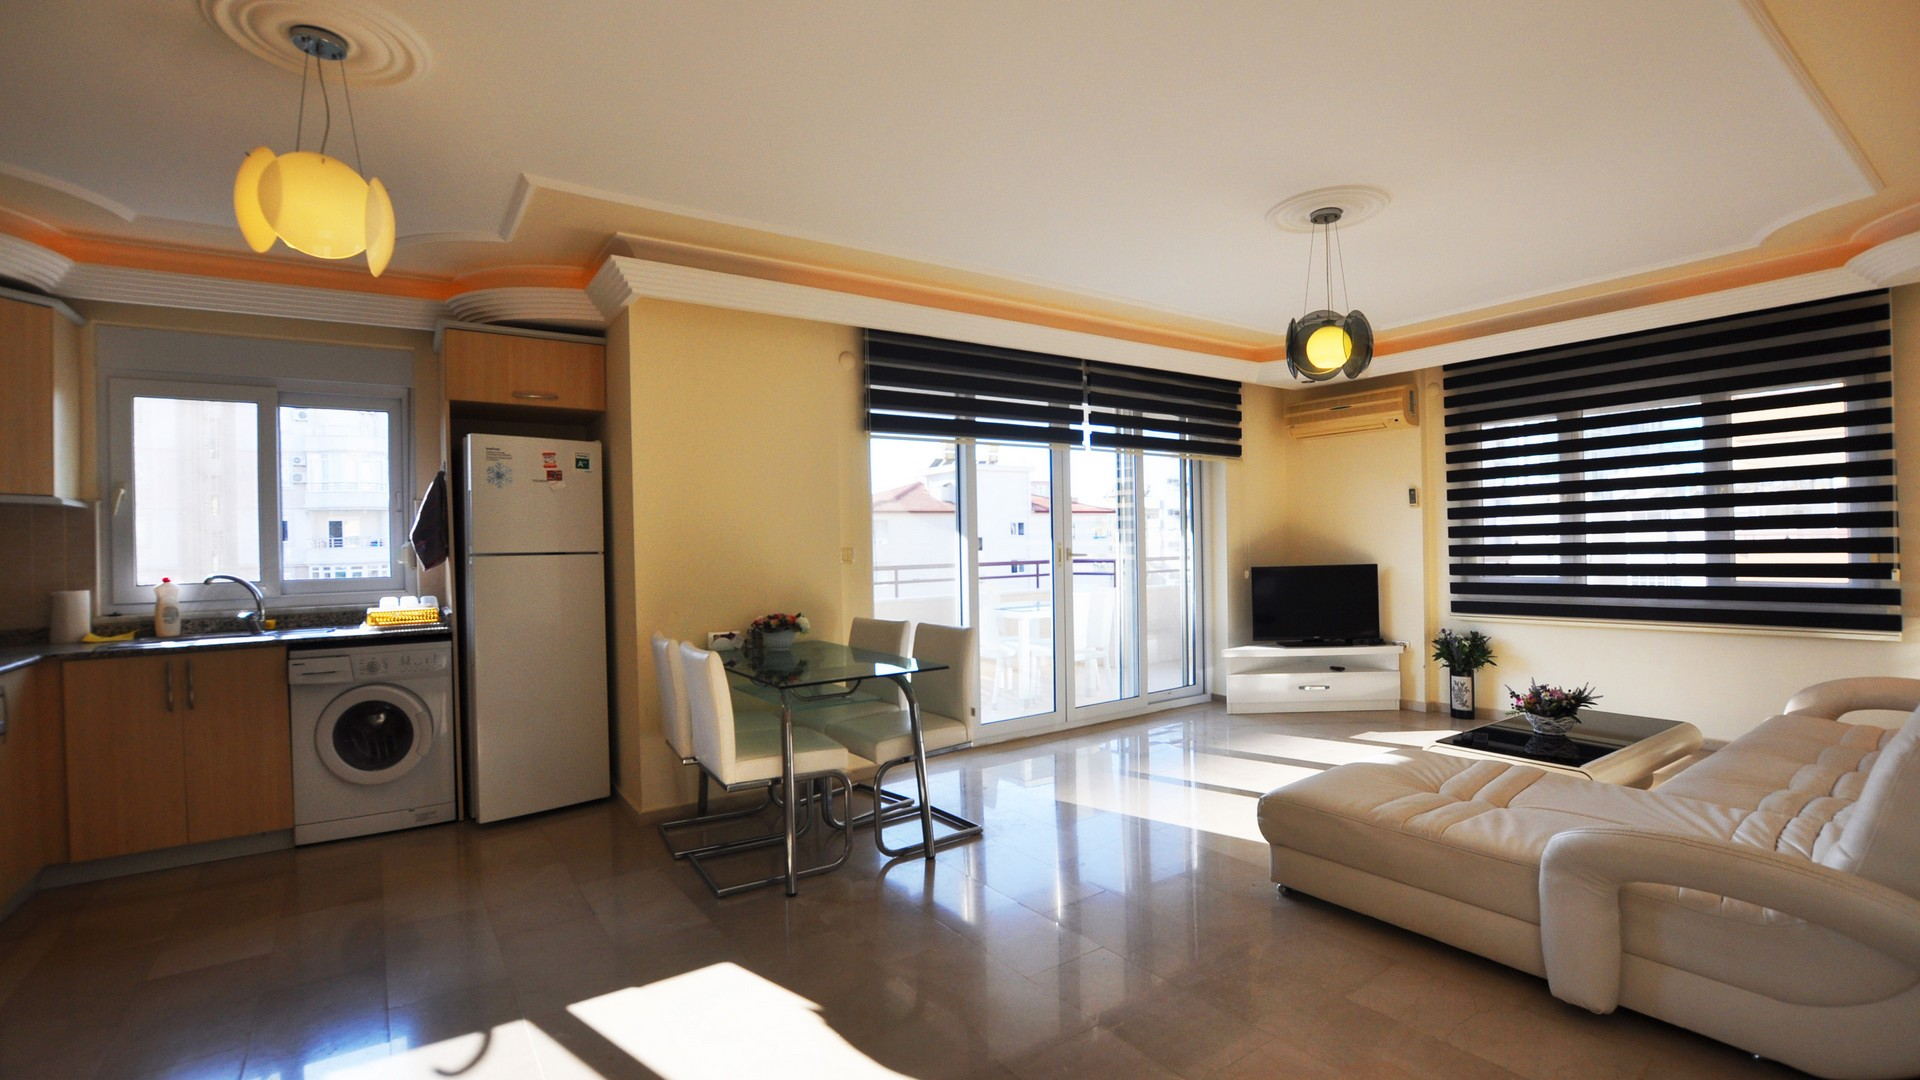 Меблированные апартаменты в Махмутлар - Фото 12